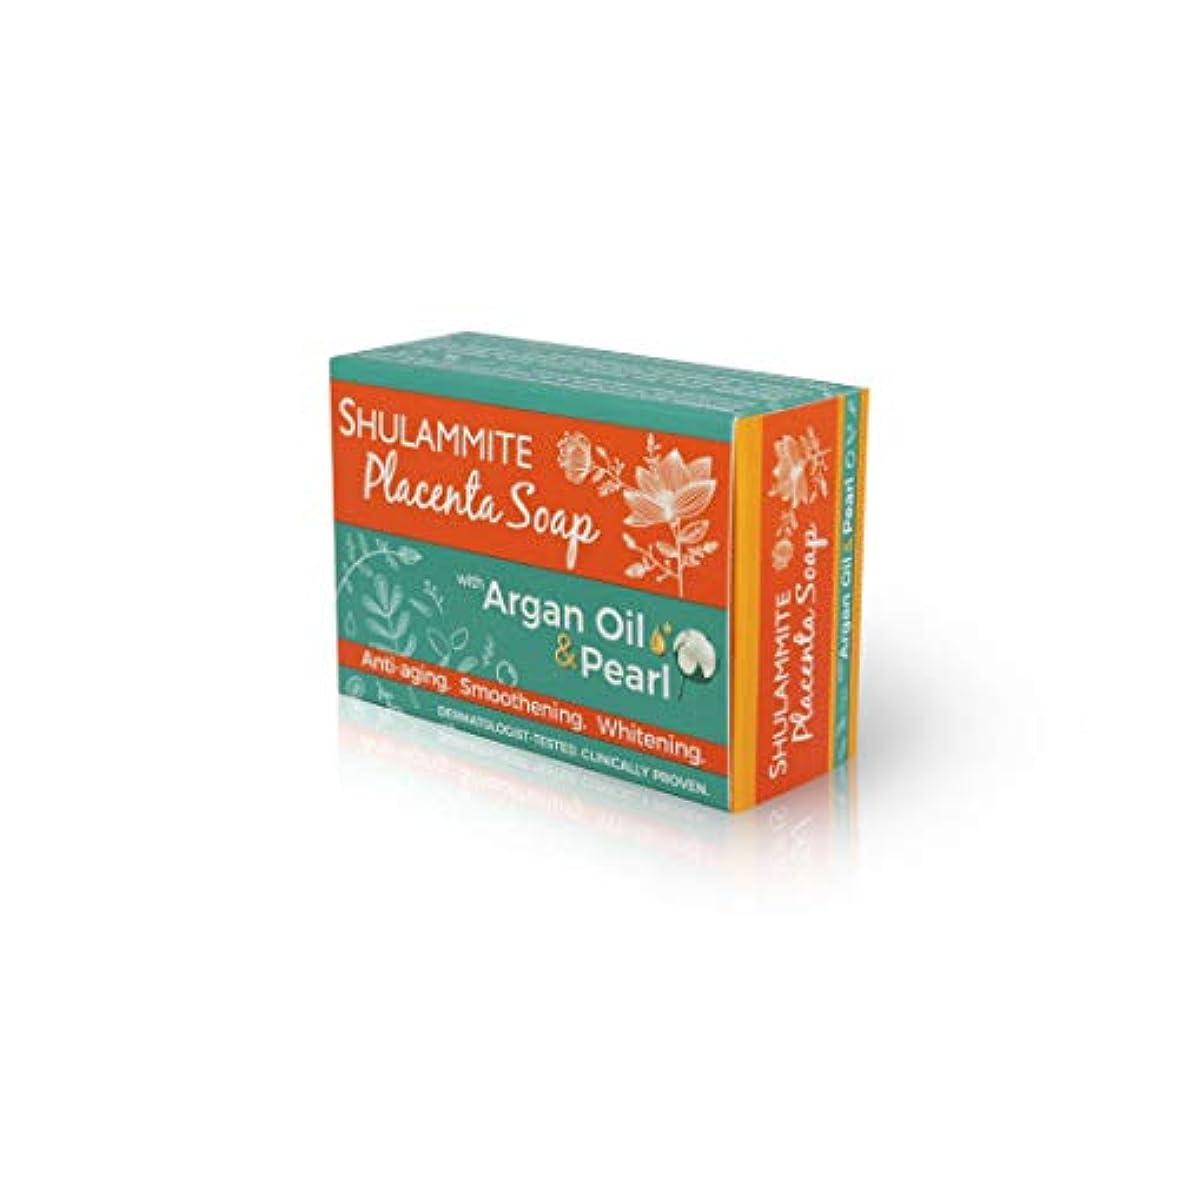 マイクロフォンボタン人道的SHULAMMITE Placenta Soap with Argan Oil & Pearl/アルガンオイル&パール配合ソープ150g